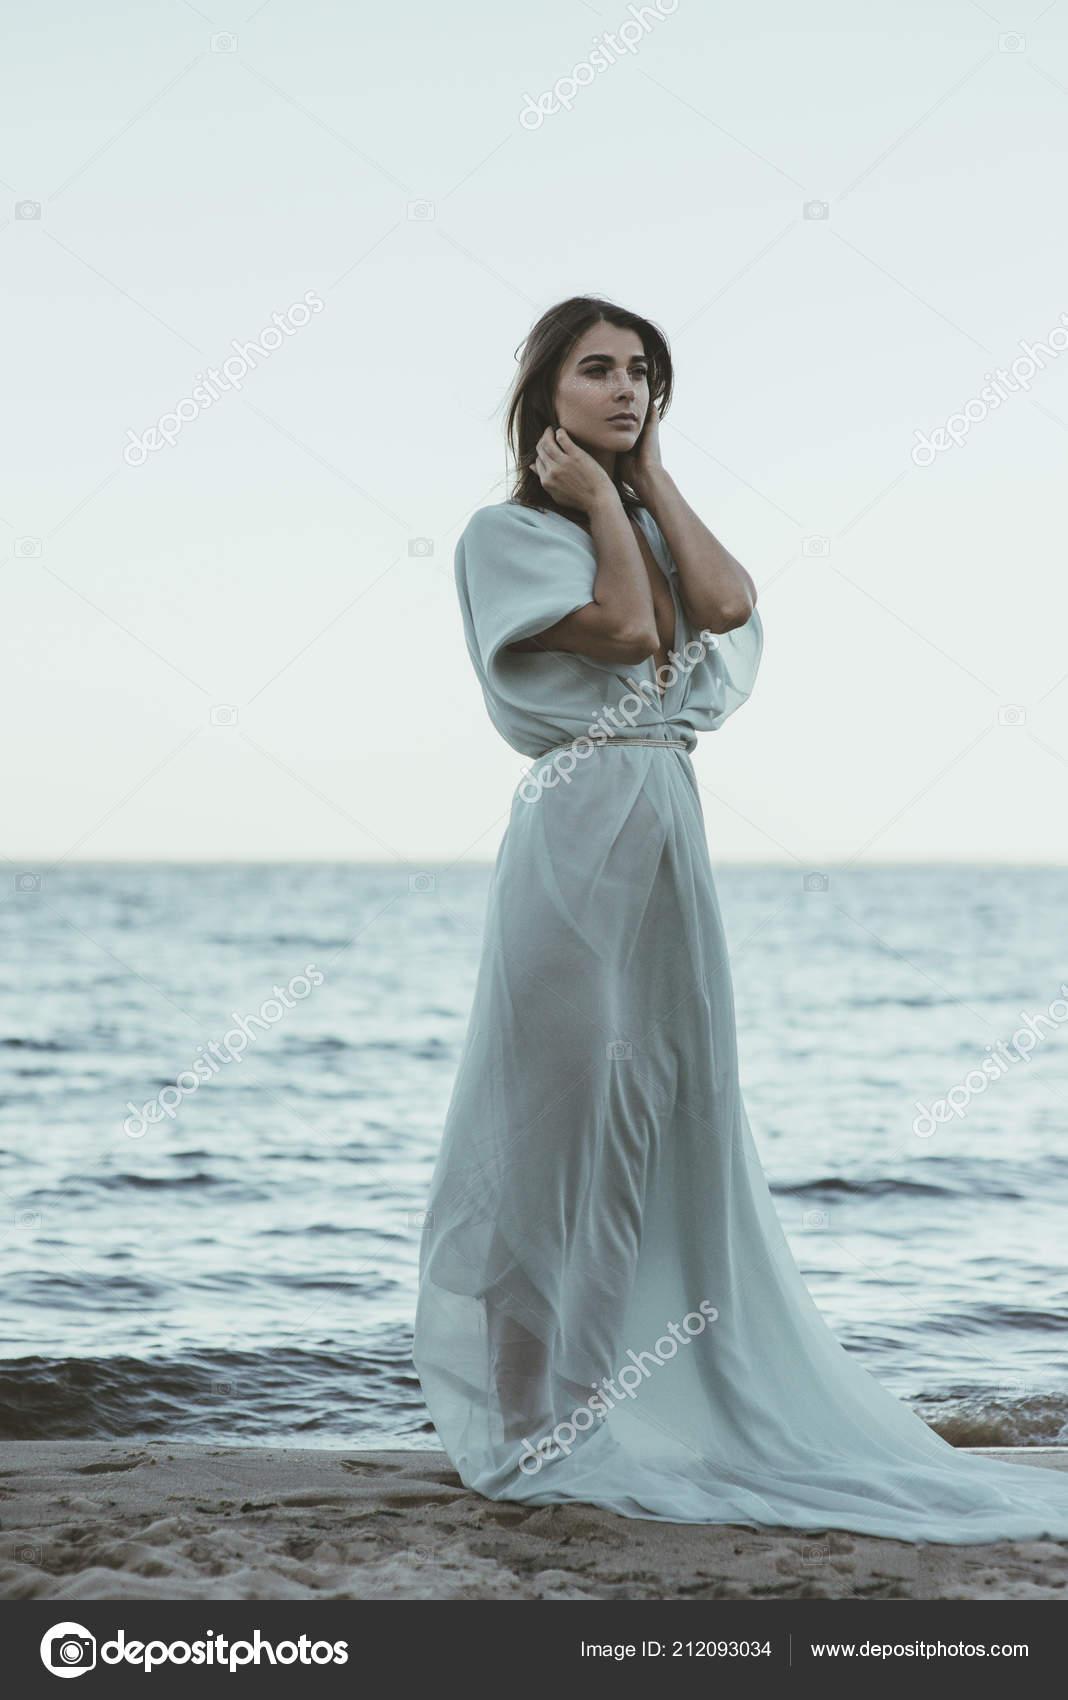 5f40928f0d4b Όμορφη και αισθησιακή νεαρή γυναίκα με μεγάλο λευκό ροή φόρεμα στέκεται  στην παραλία — Εικόνα από ...